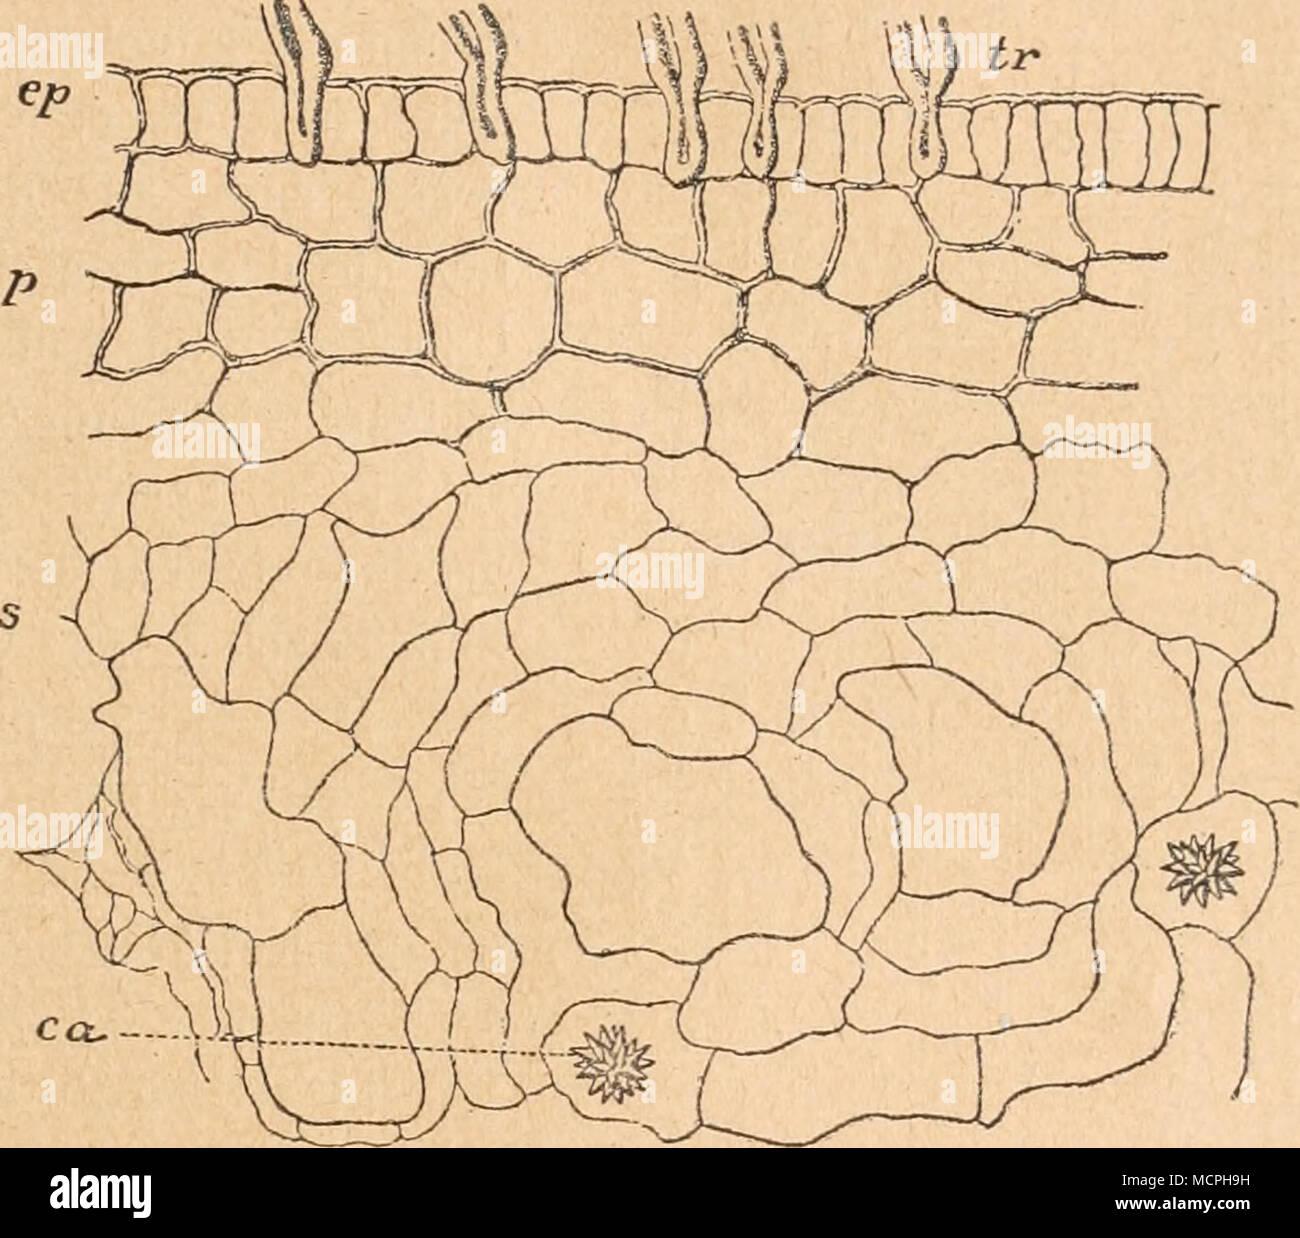 Reife Knochenzellen werden bezeichnet